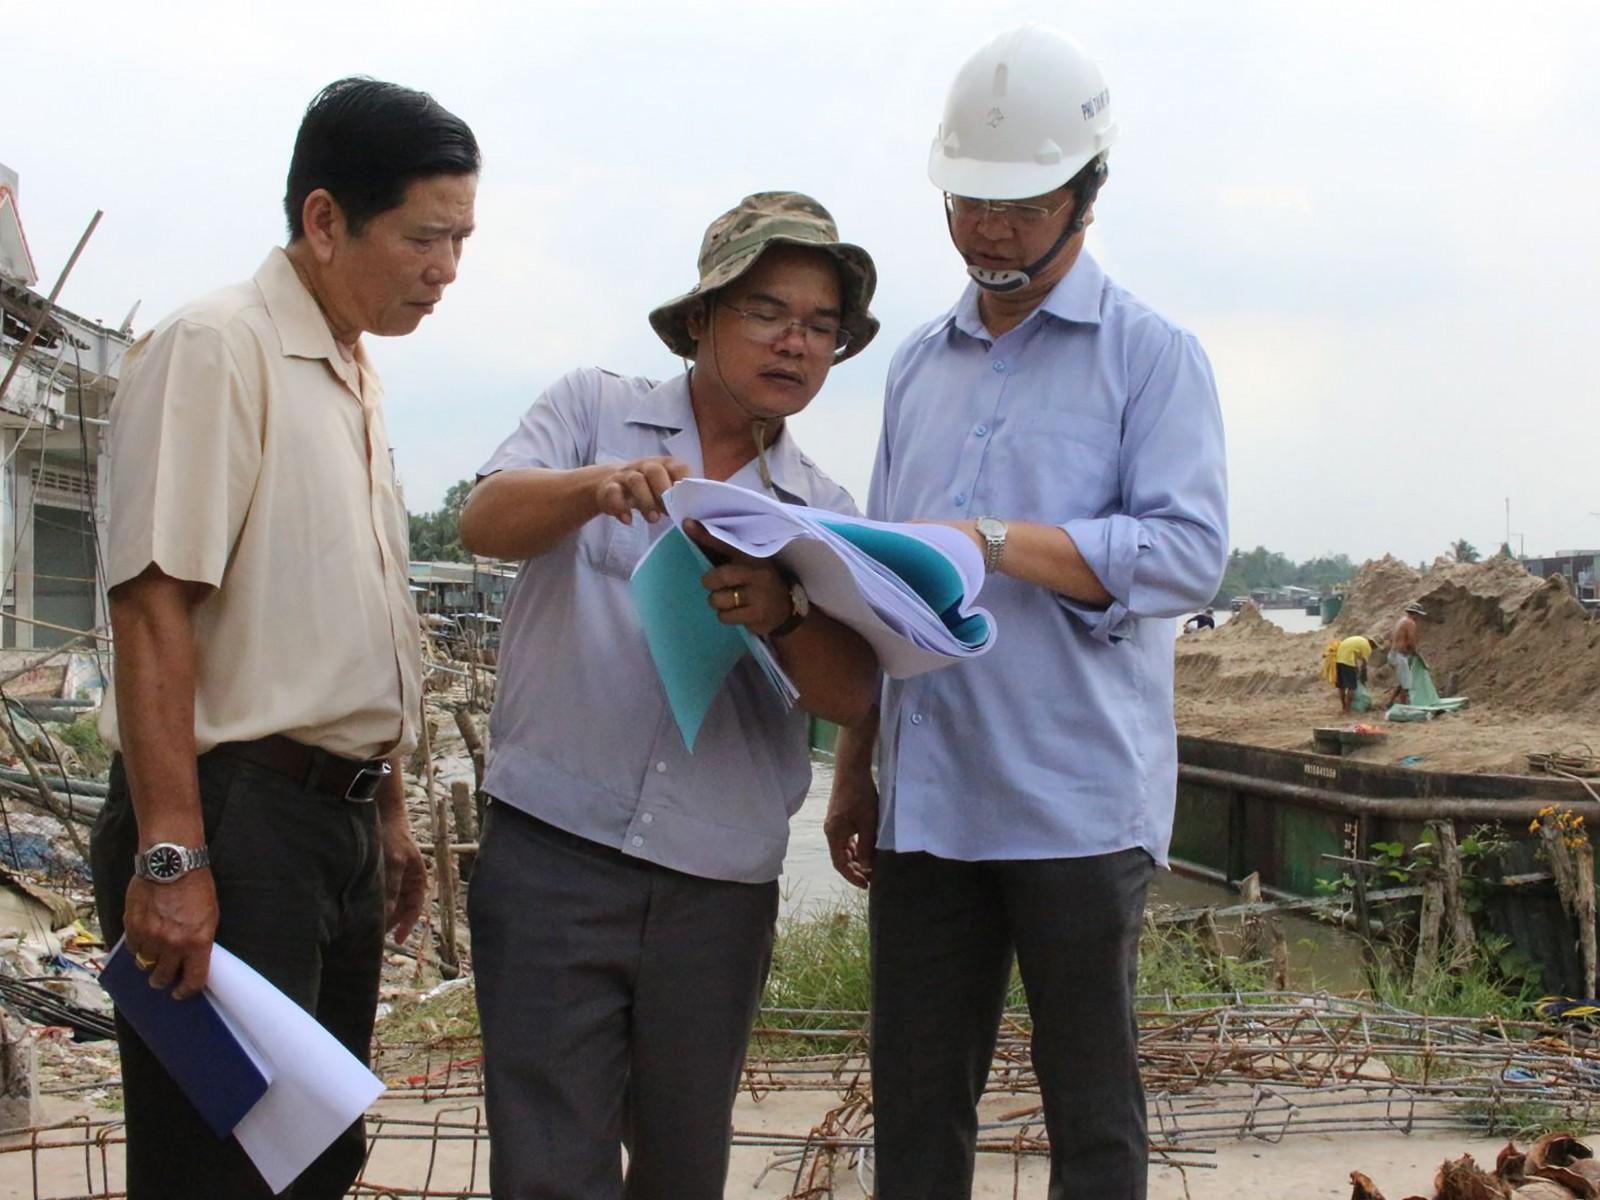 Phó Chủ tịch UBND TP Cần Thơ Trương Quang Hoài Nam (bên phải) kiểm tra công trình xây dựng kè chống sạt lở khu vực Thới An. Ảnh: H.VĂN